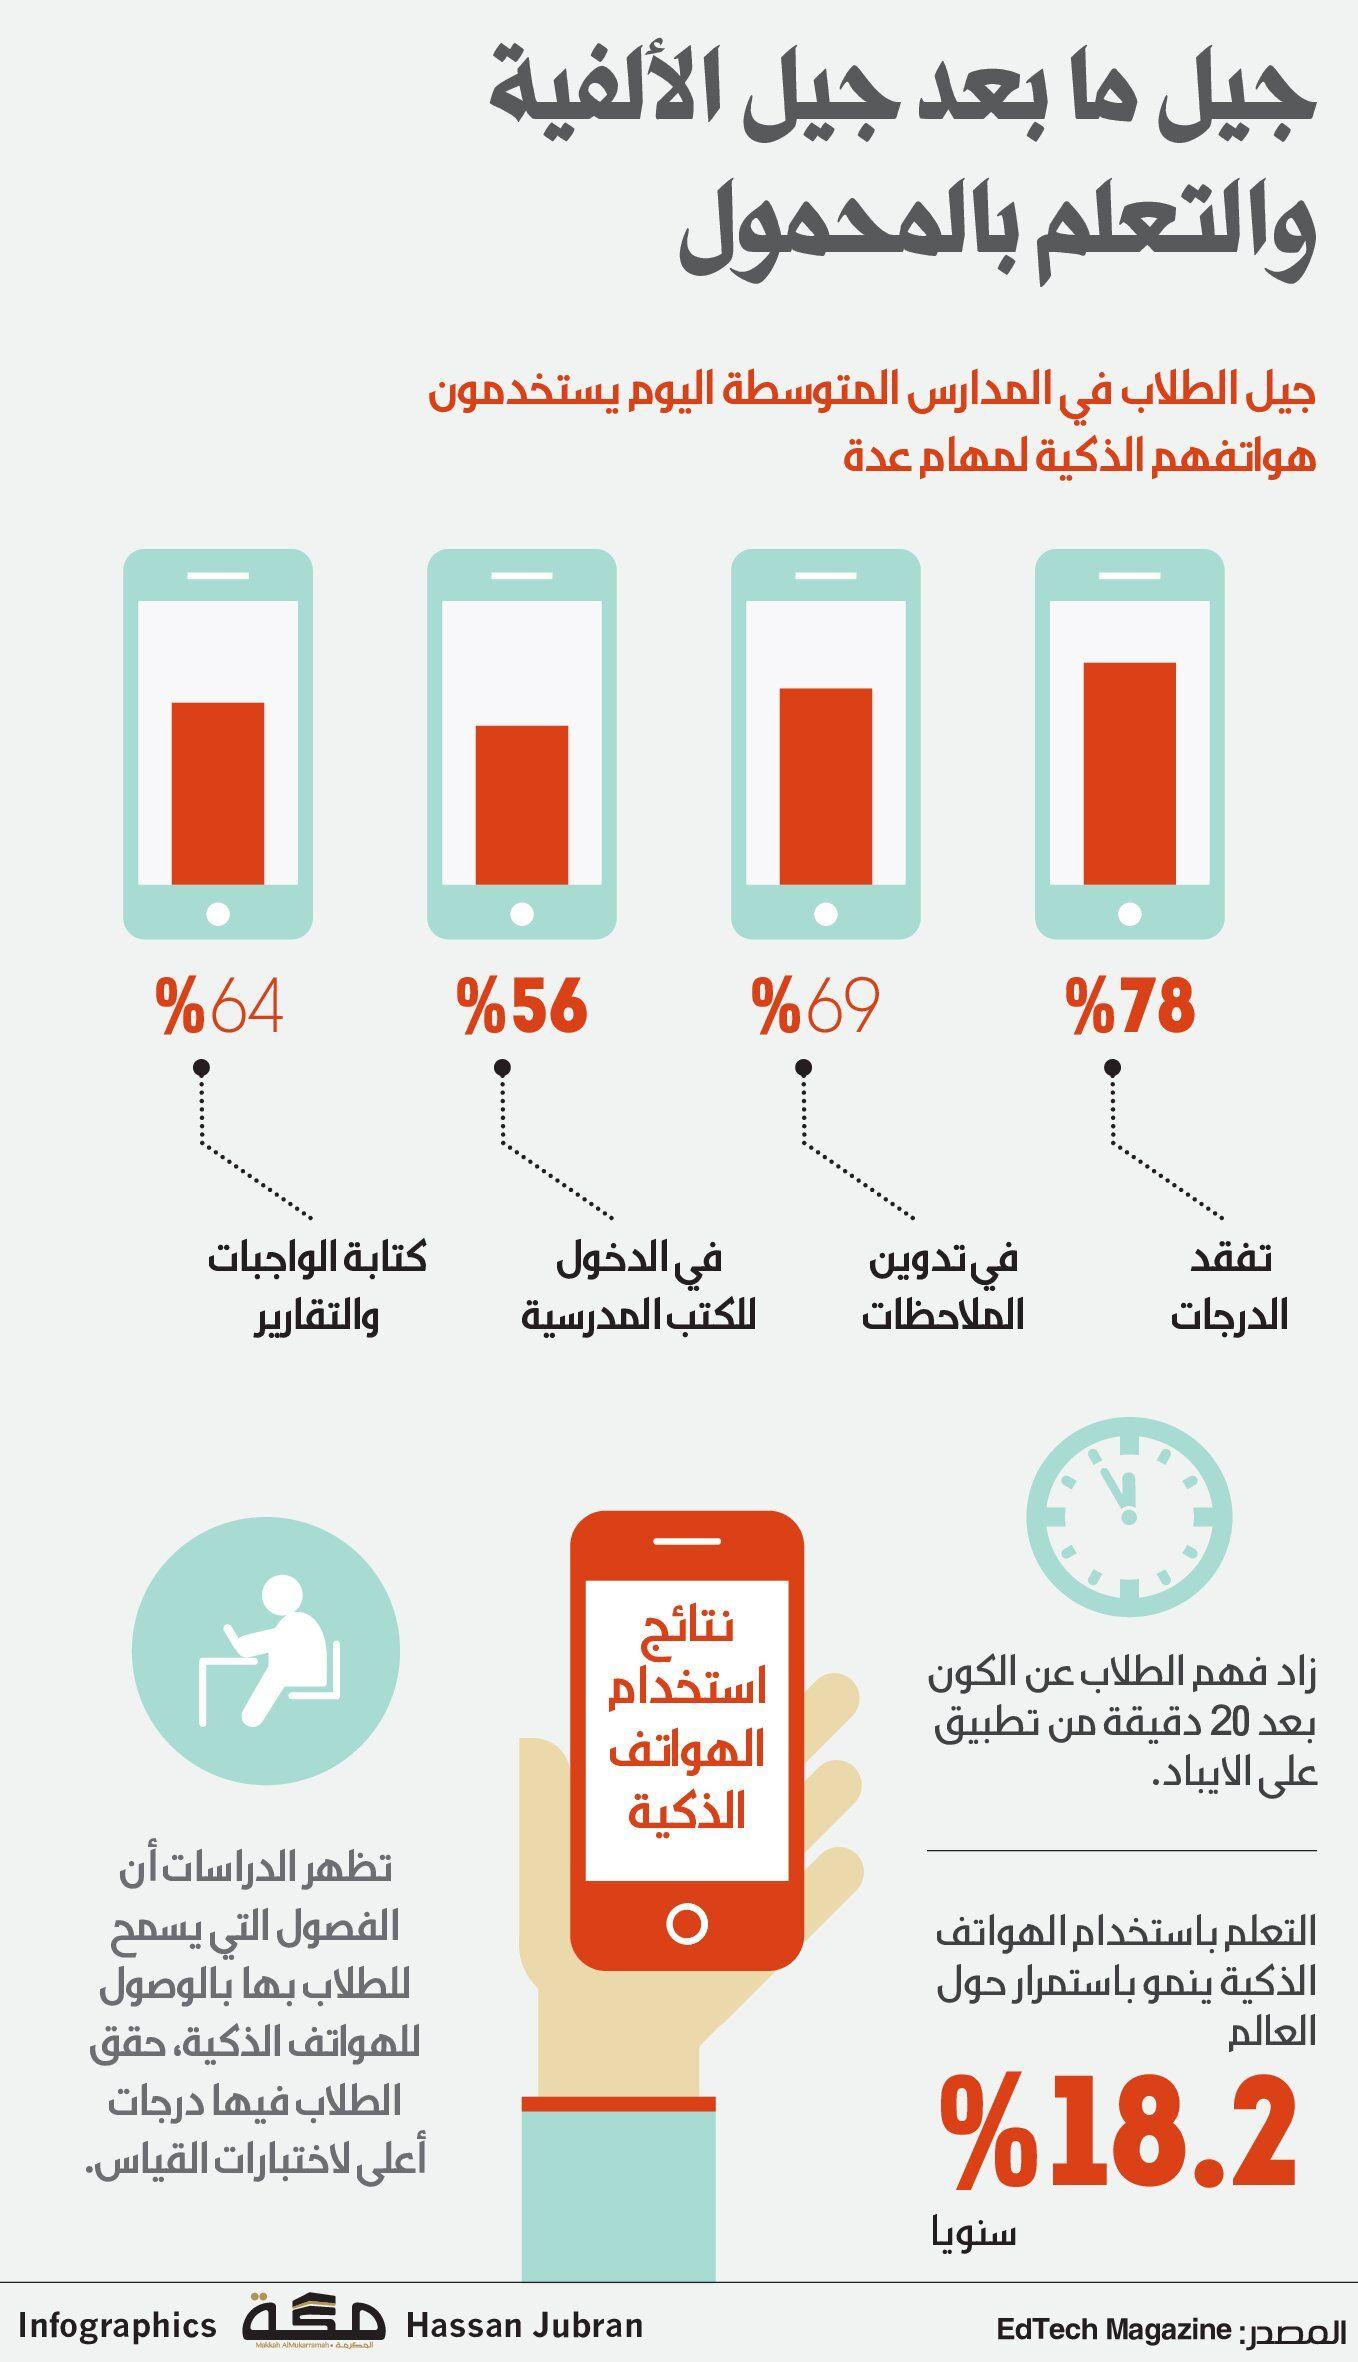 جيل ما بعد جيل الألفية والتعلم بالمحمول صحيفة مكة انفوجرافيك مجتمع How To Plan Infographic Gubi